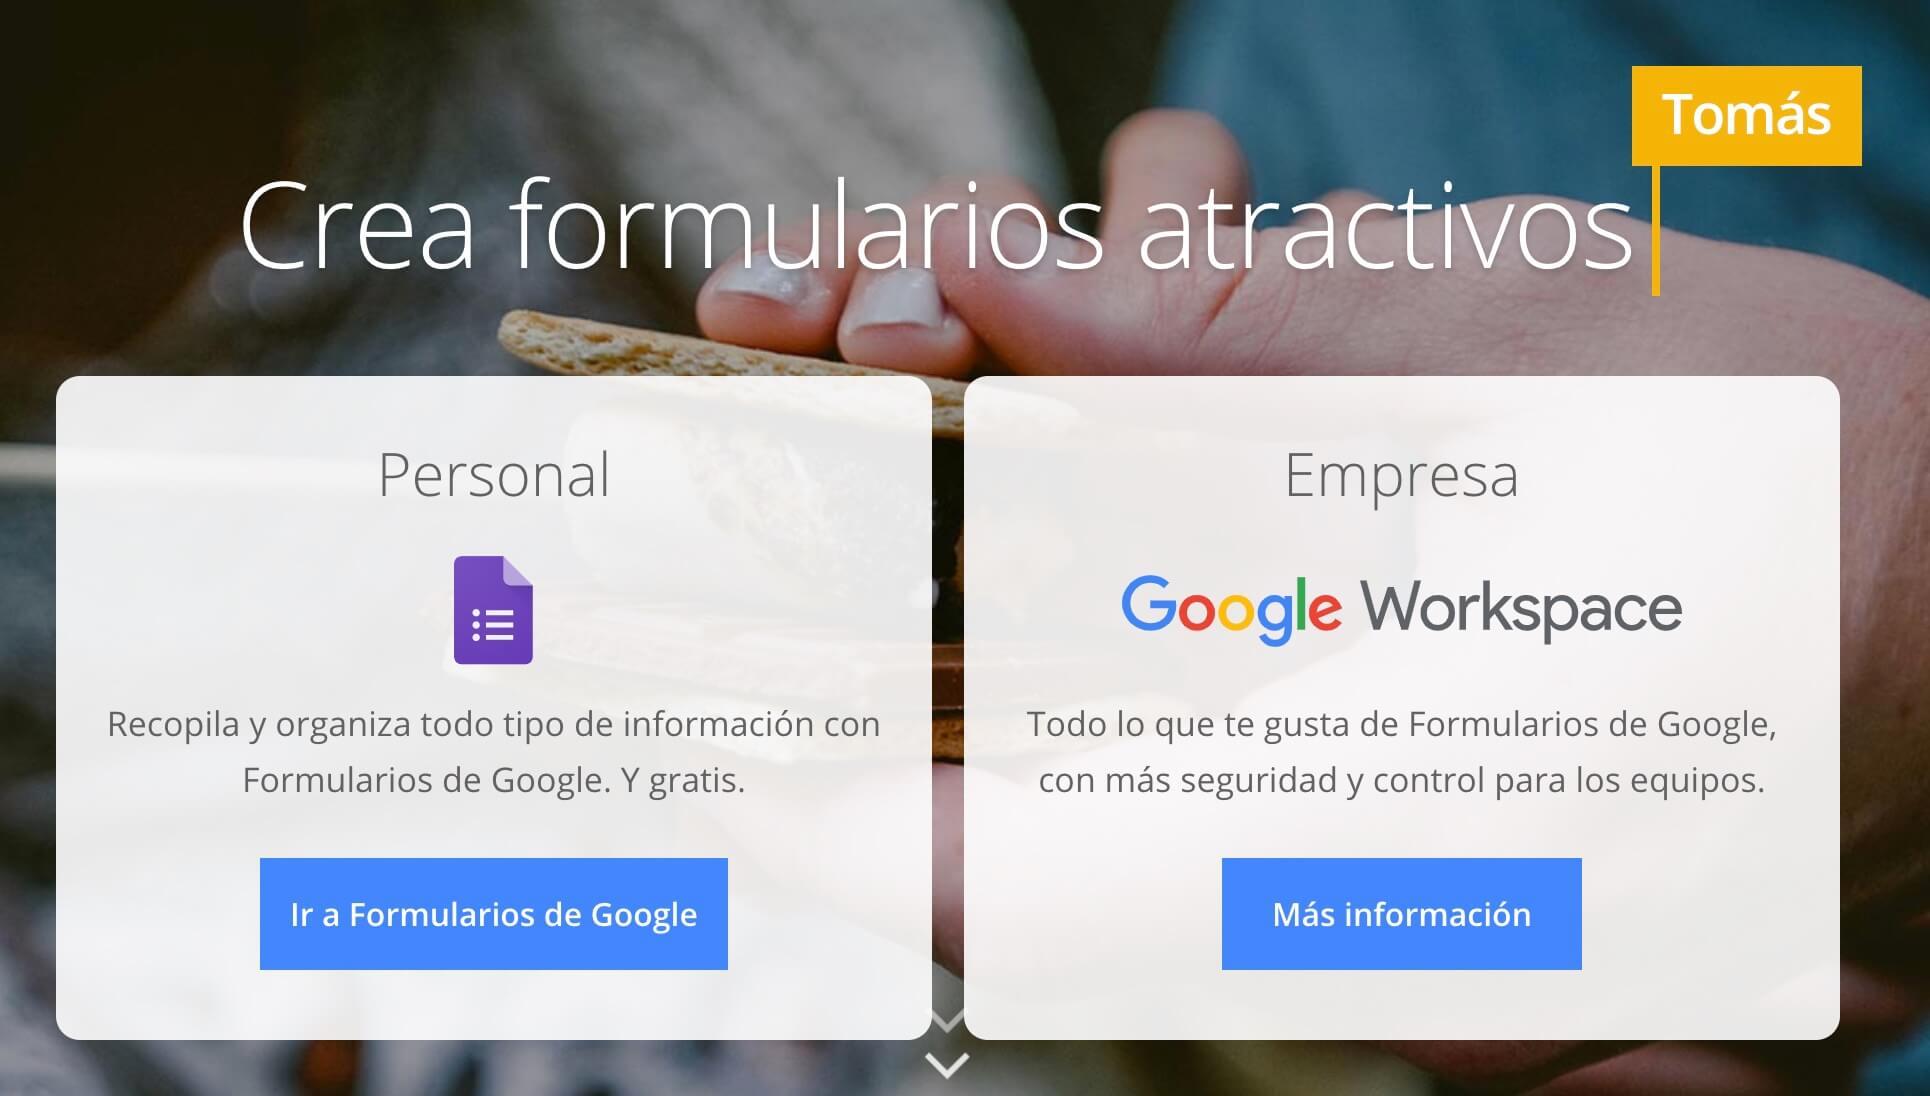 Formularios de Google, herramienta de creación de encuestas gratuita